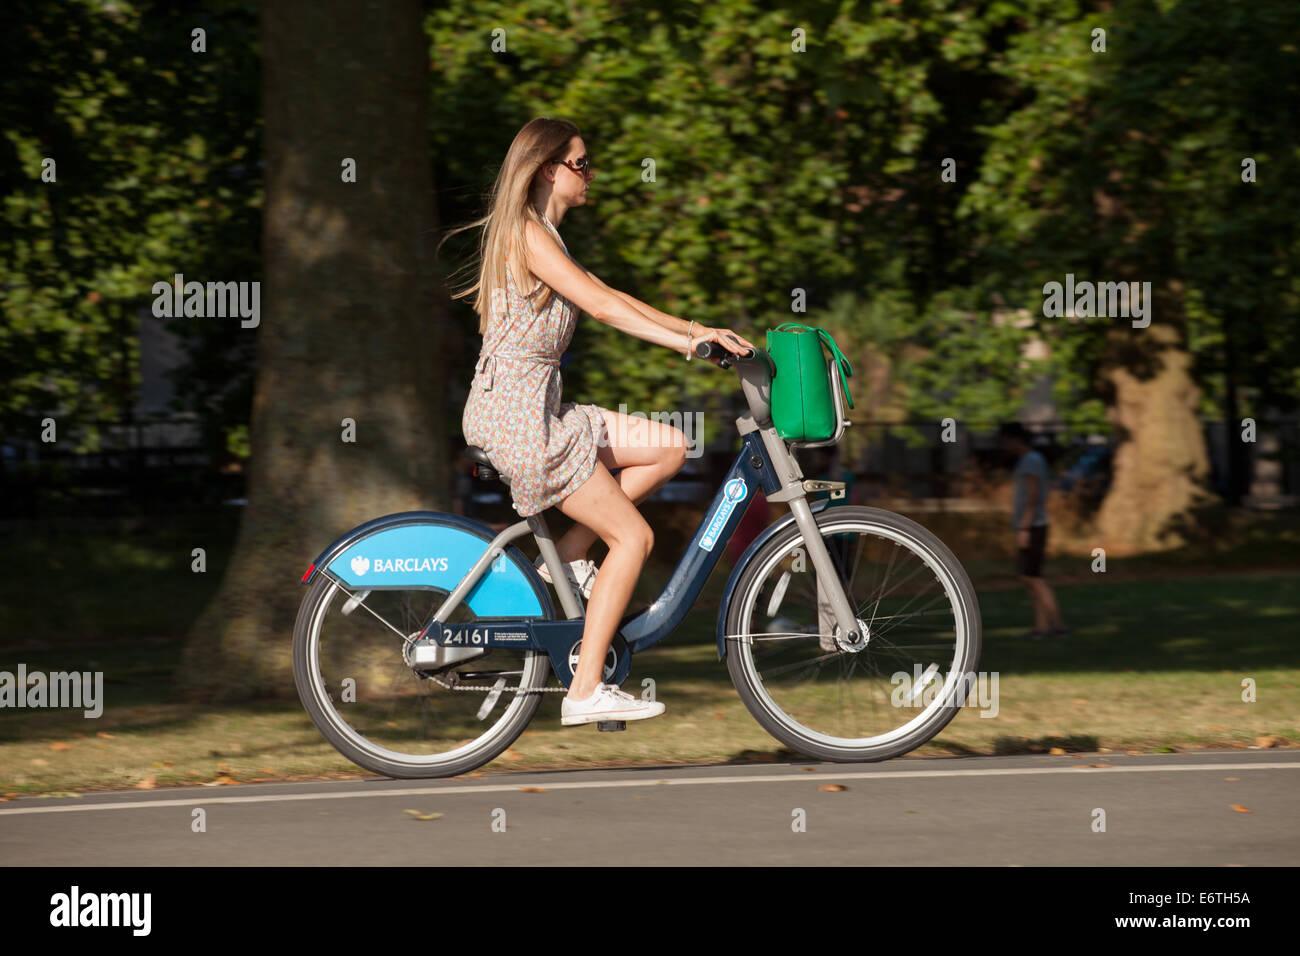 Una mujer ciclista en un alquiler público 'Boris bike' en un parque de Londres Londres - servicio de Imagen De Stock